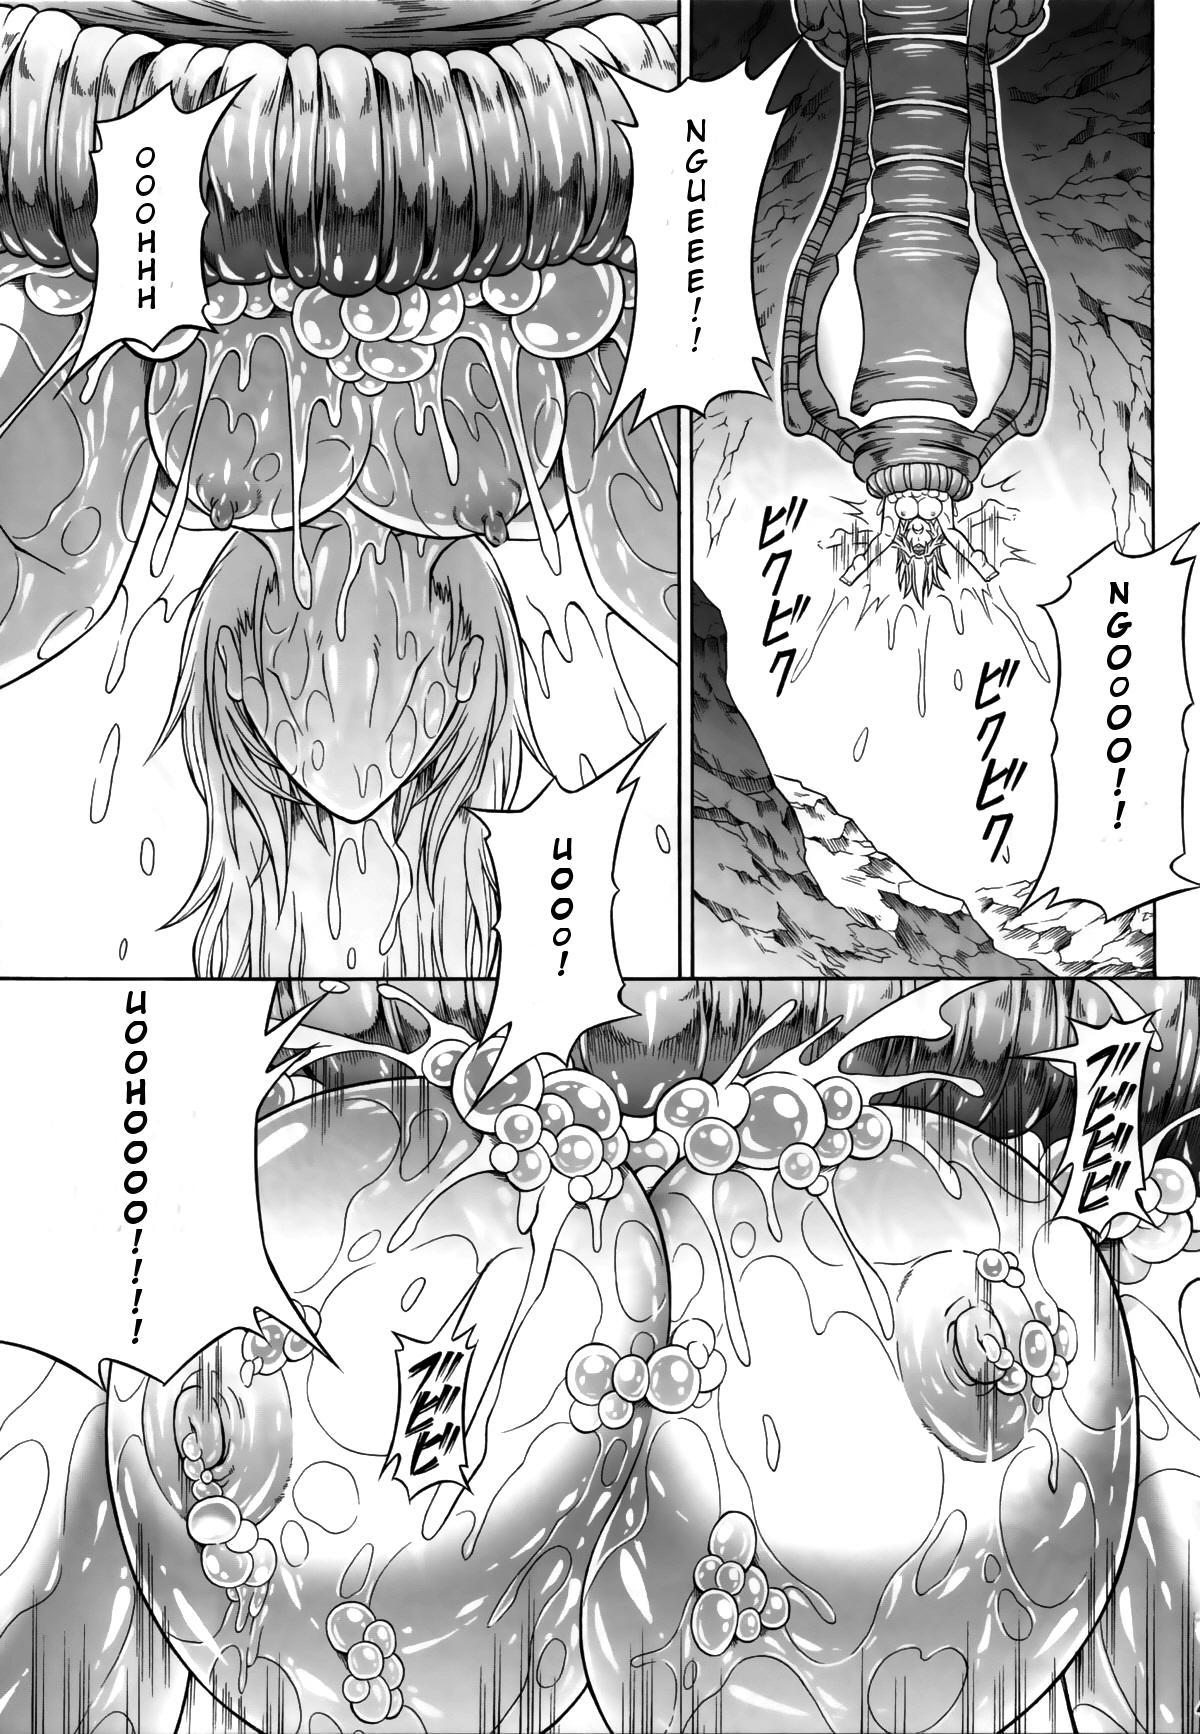 Solo Hunter no Seitai 4 The second part 47